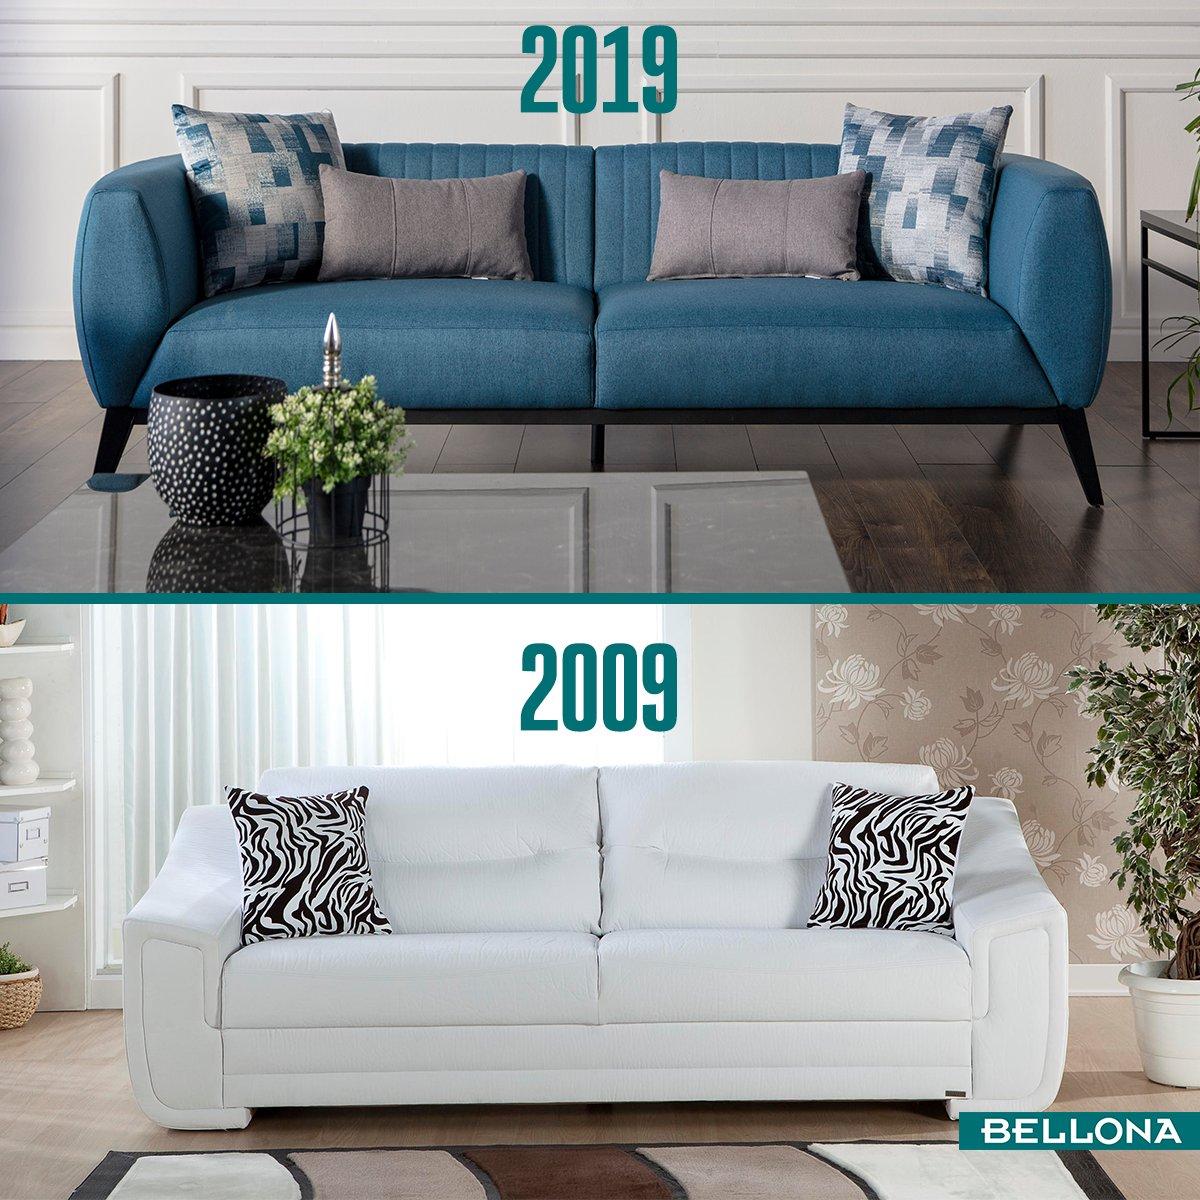 İster 10 yıl önce ister 10 yıl sonra... Her dönem moda, her dönem #Bellona! #10YearsChallenge